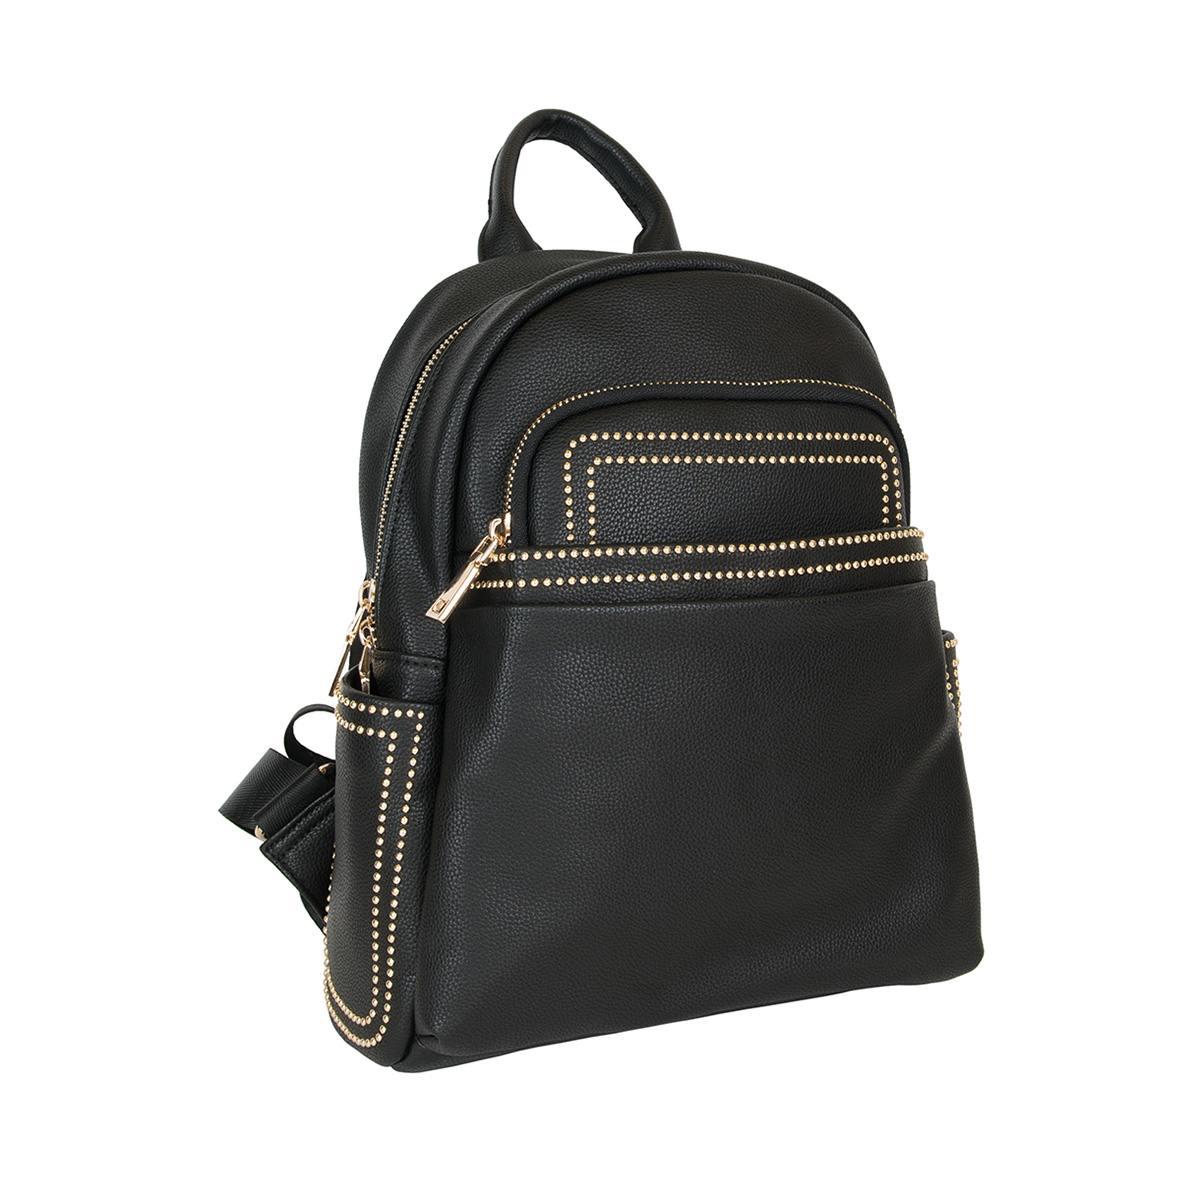 Bagsin-Savil-18-42-01-Black-A1